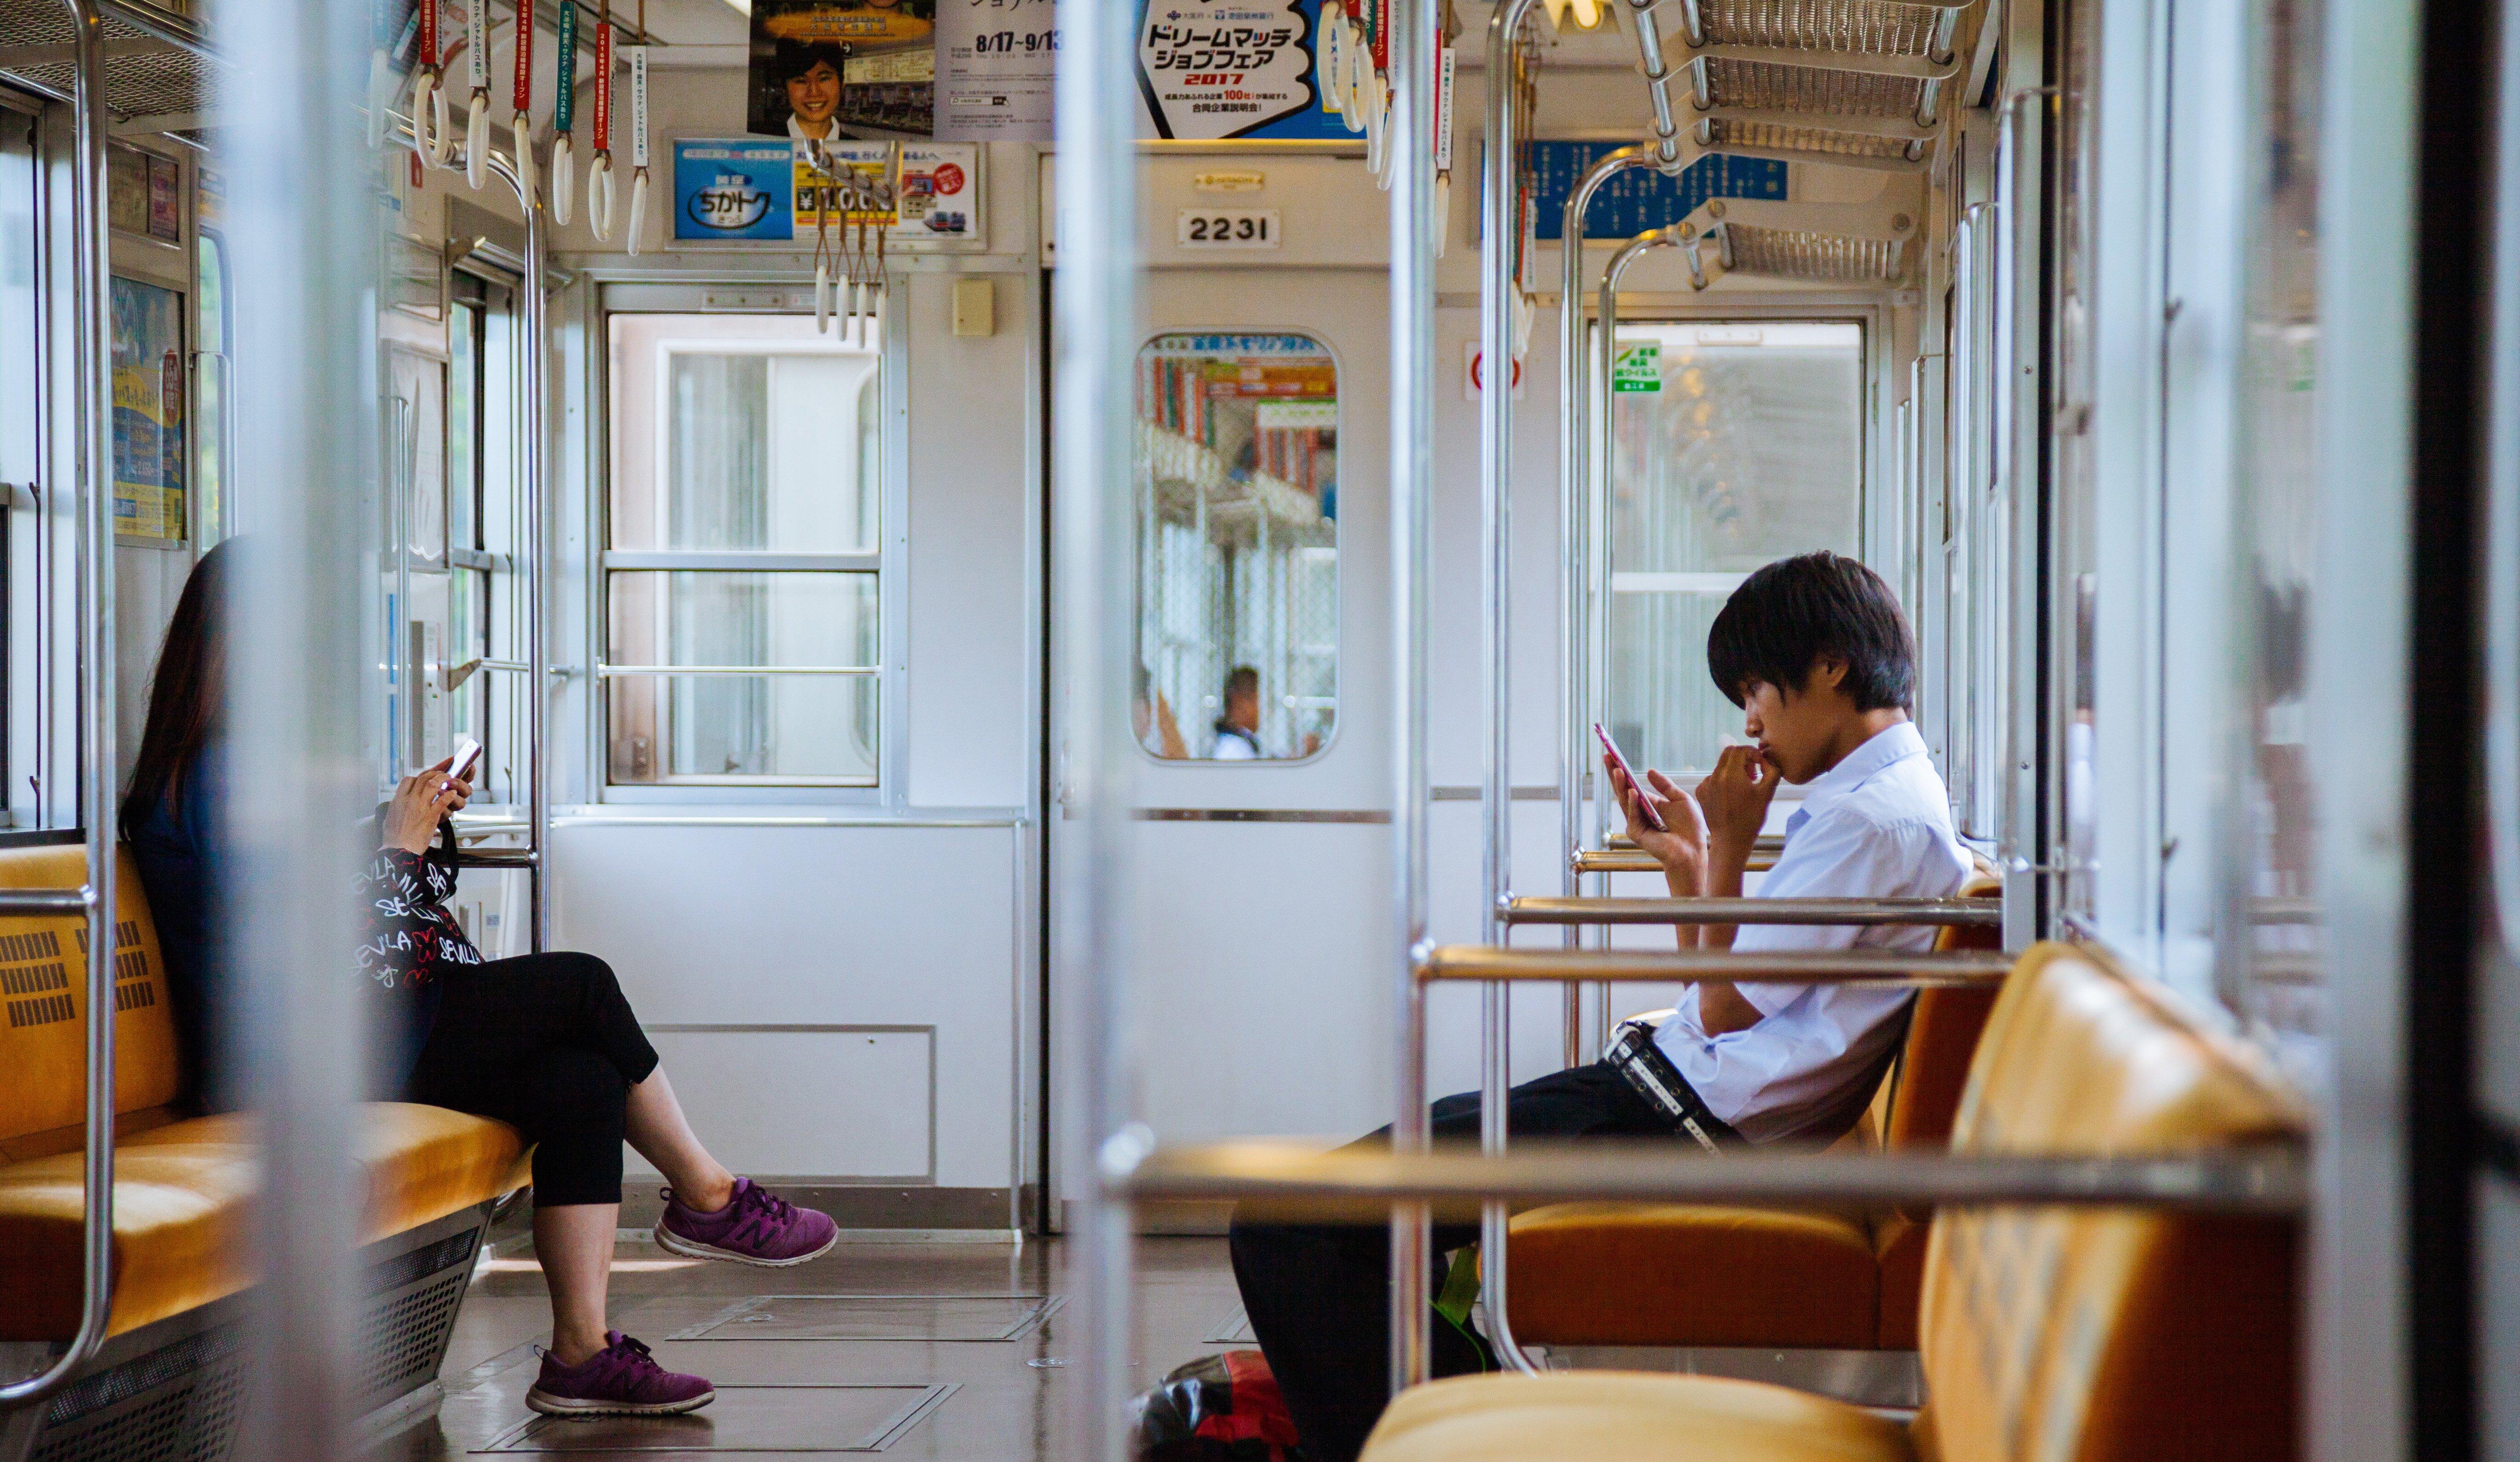 The Modern Japanese Consumer